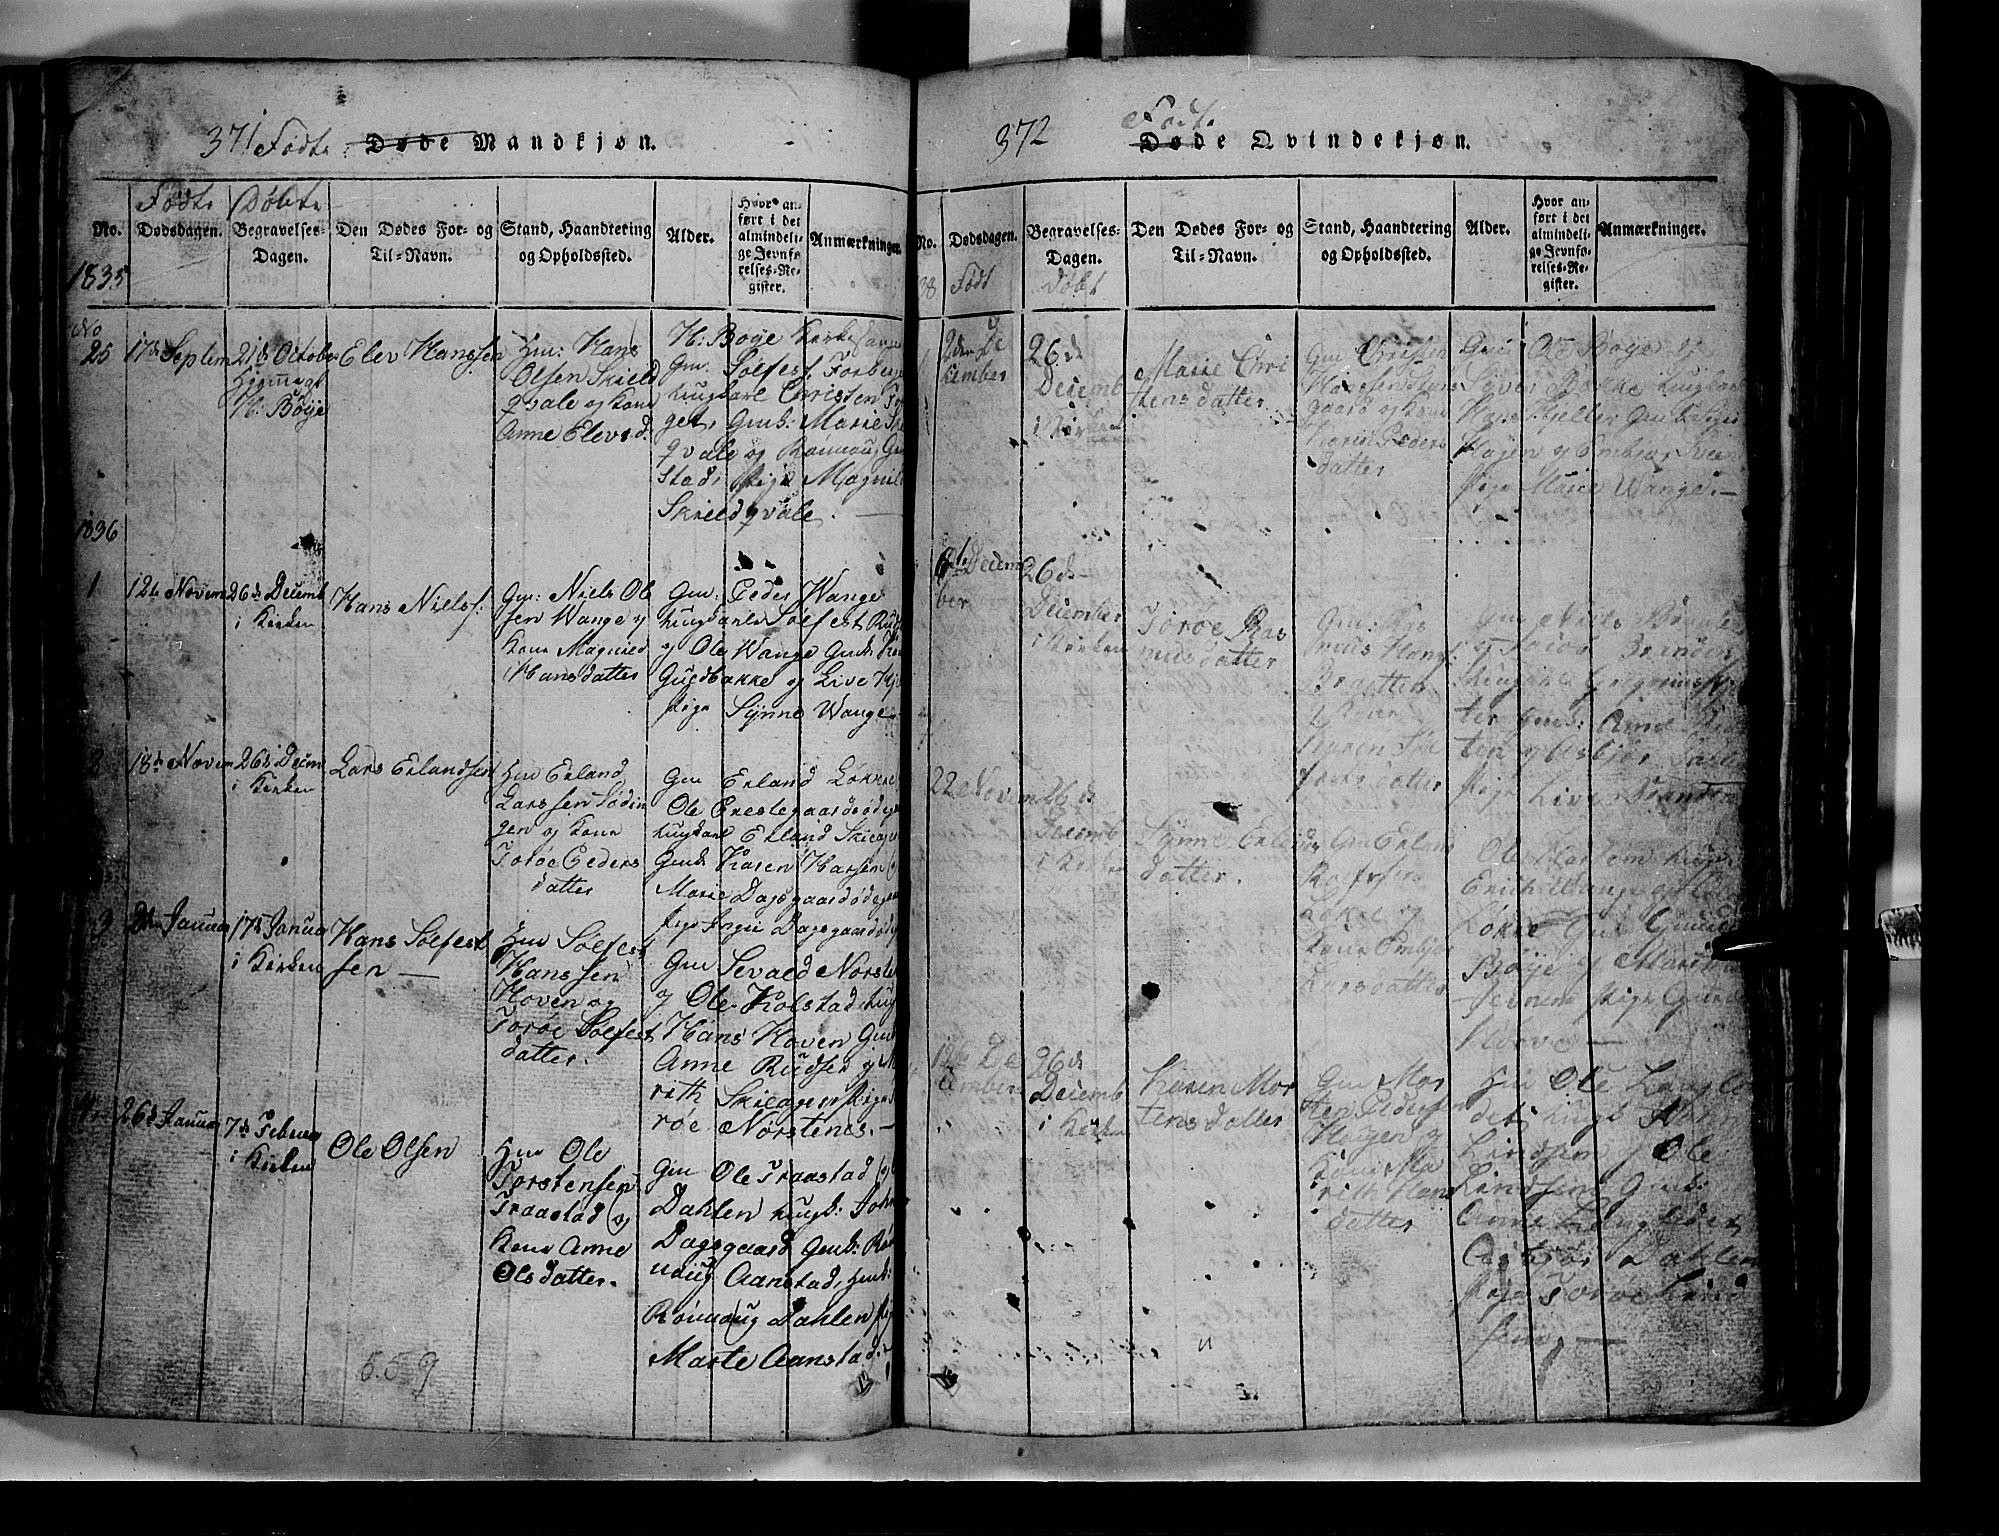 SAH, Lom prestekontor, L/L0003: Klokkerbok nr. 3, 1815-1844, s. 371-372